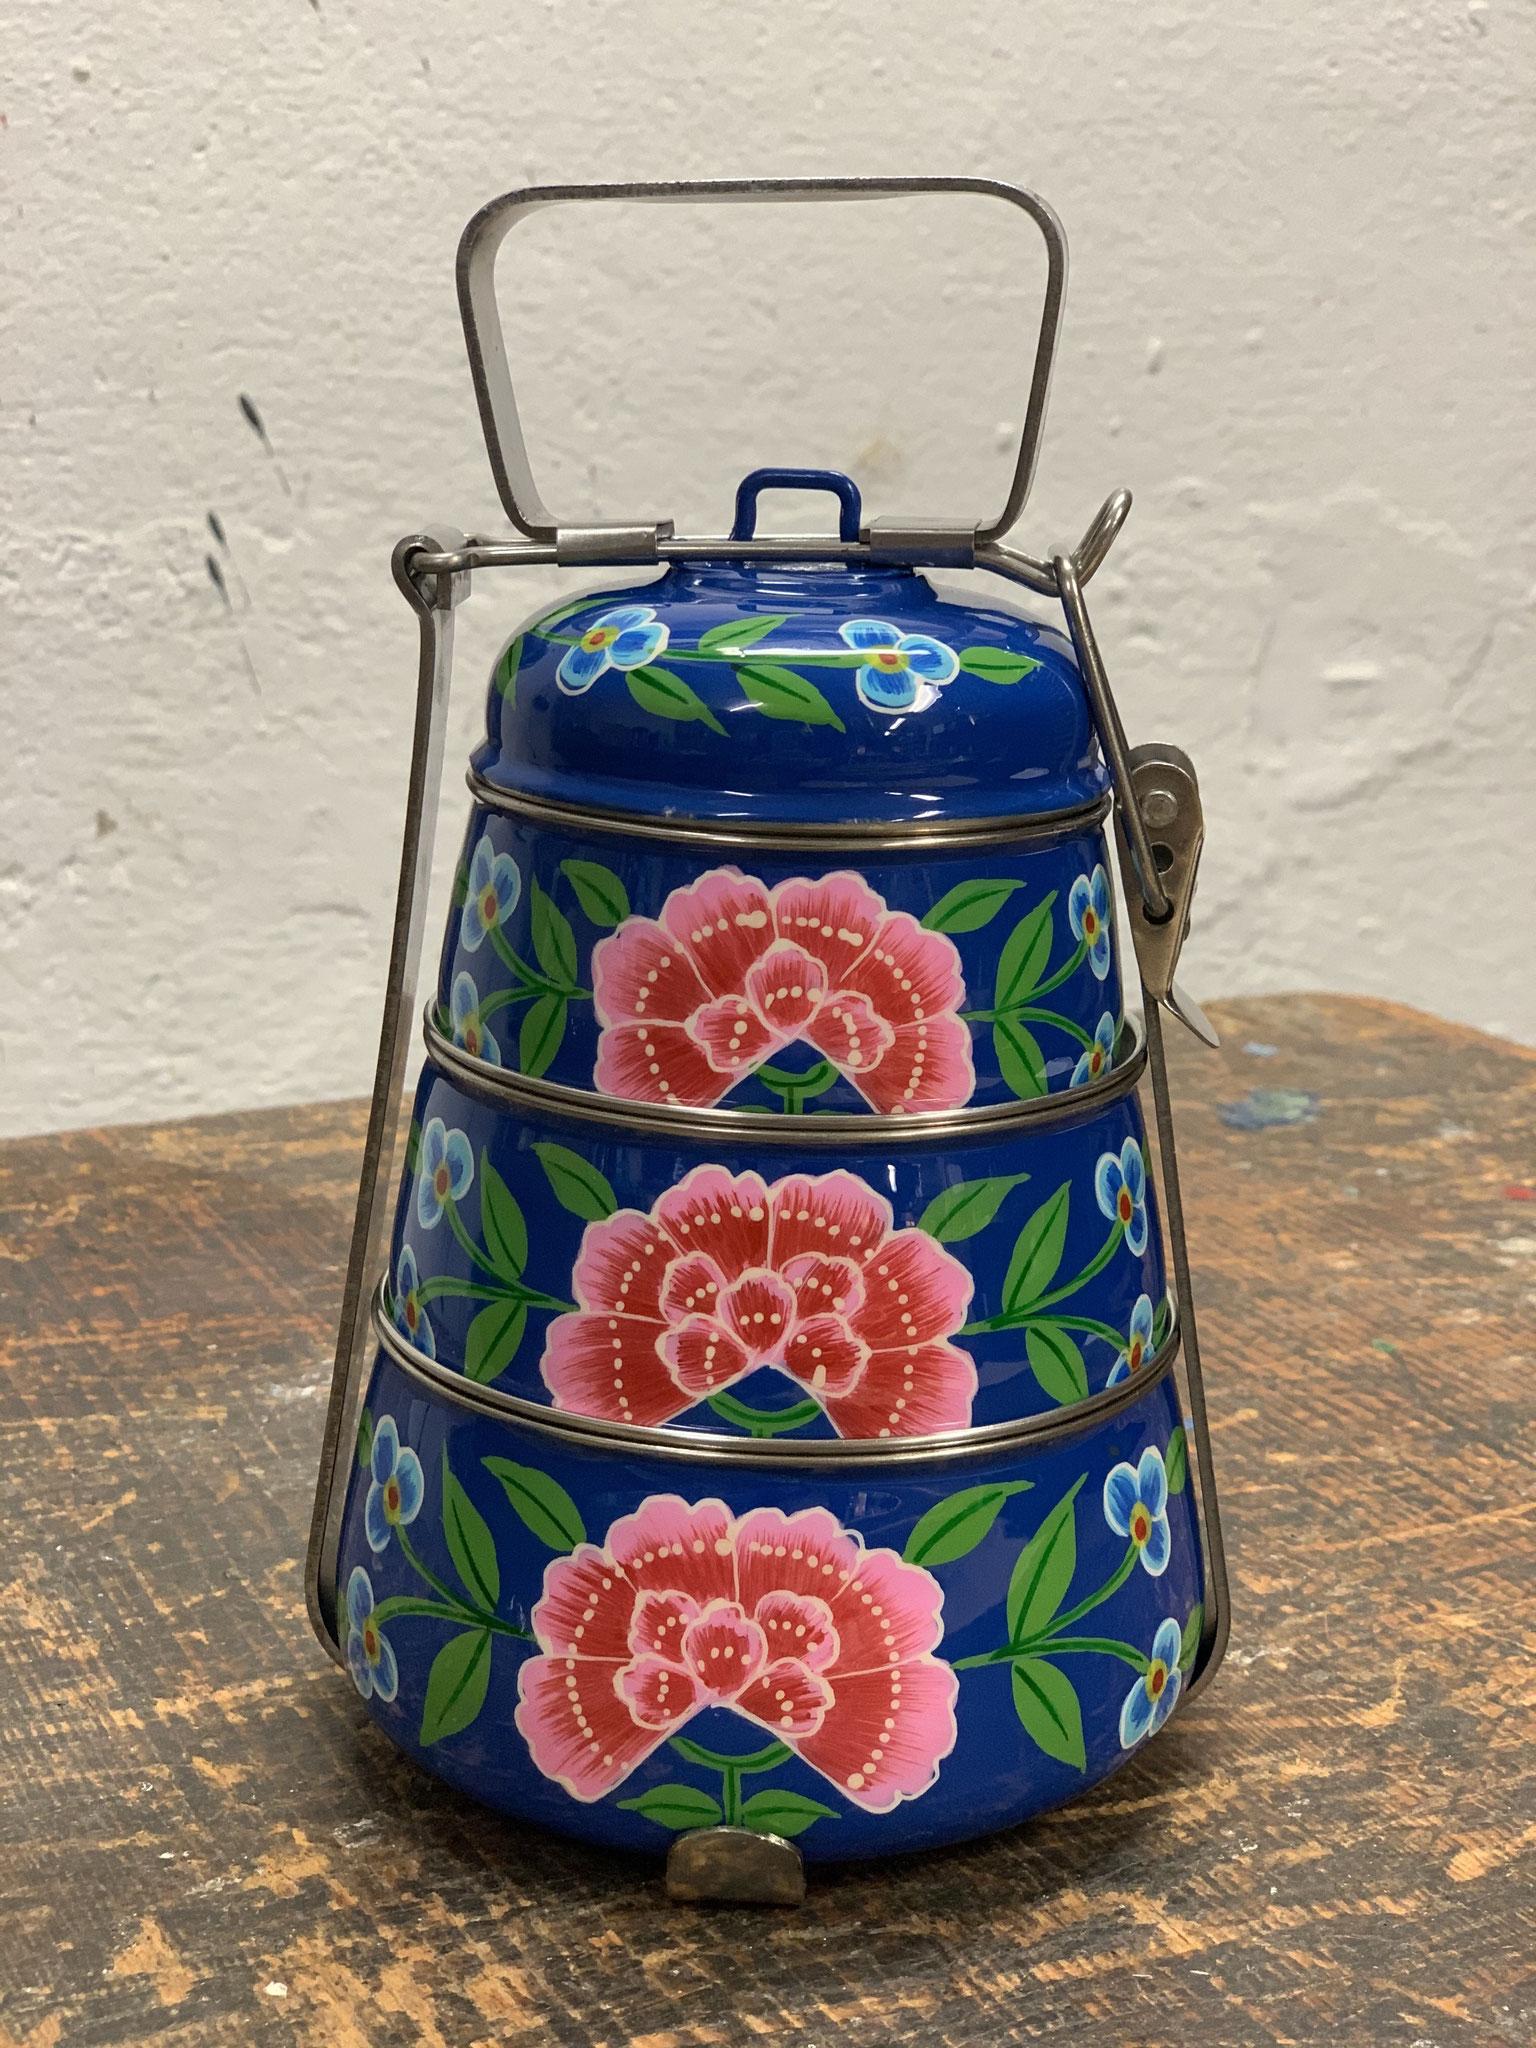 3er-blau mit Blumen-29€